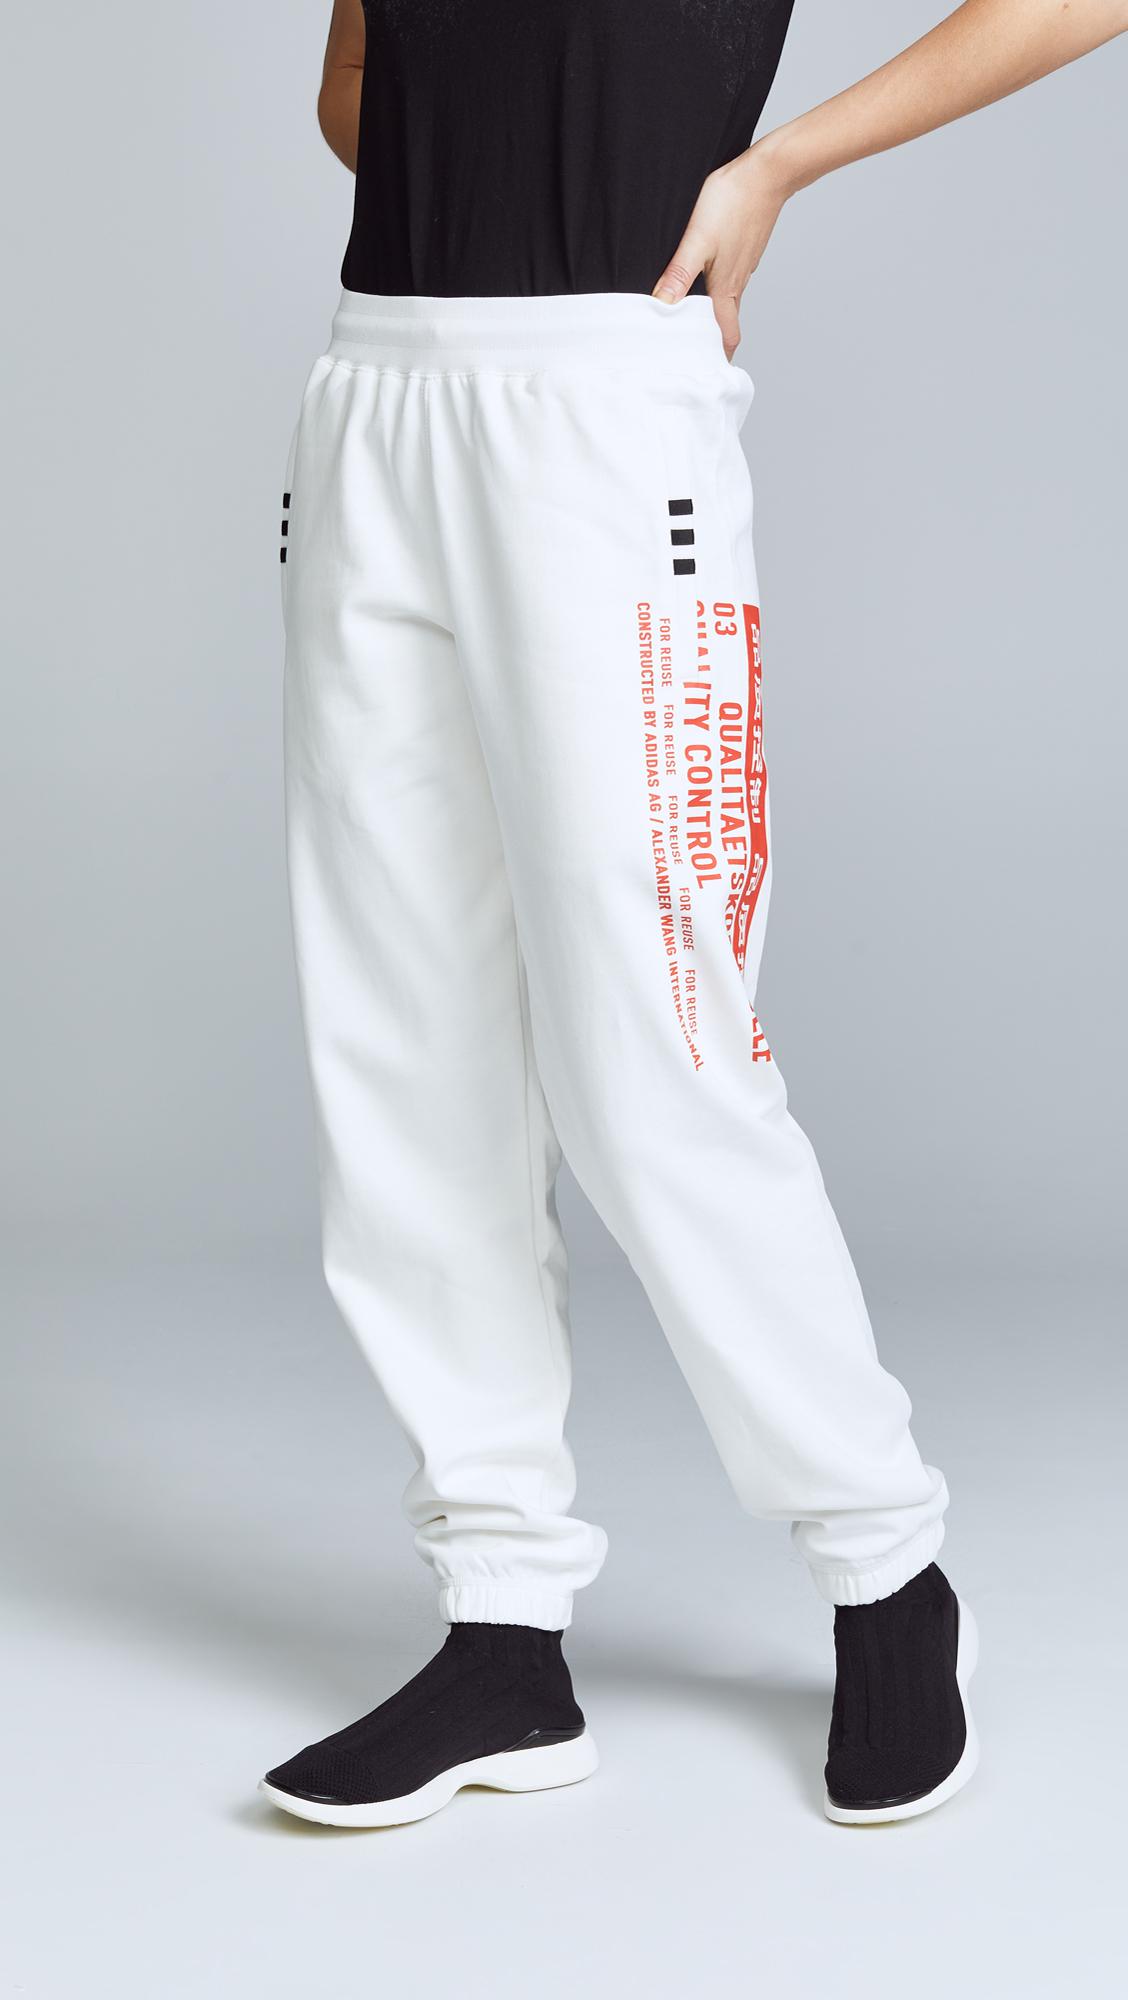 jogging adidas x alexander wang